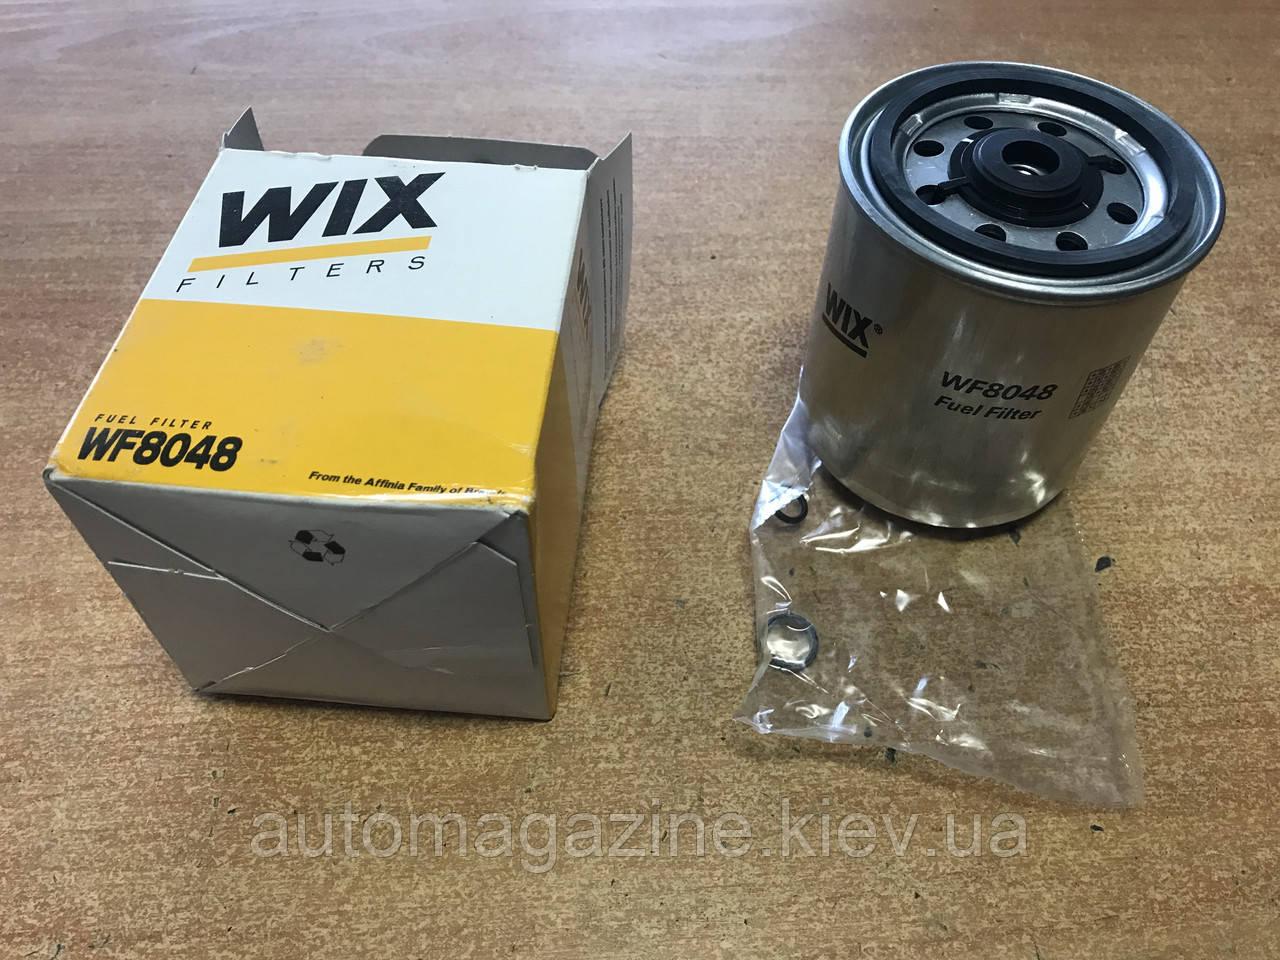 Фильтр топливный WF 8048 (PP841)